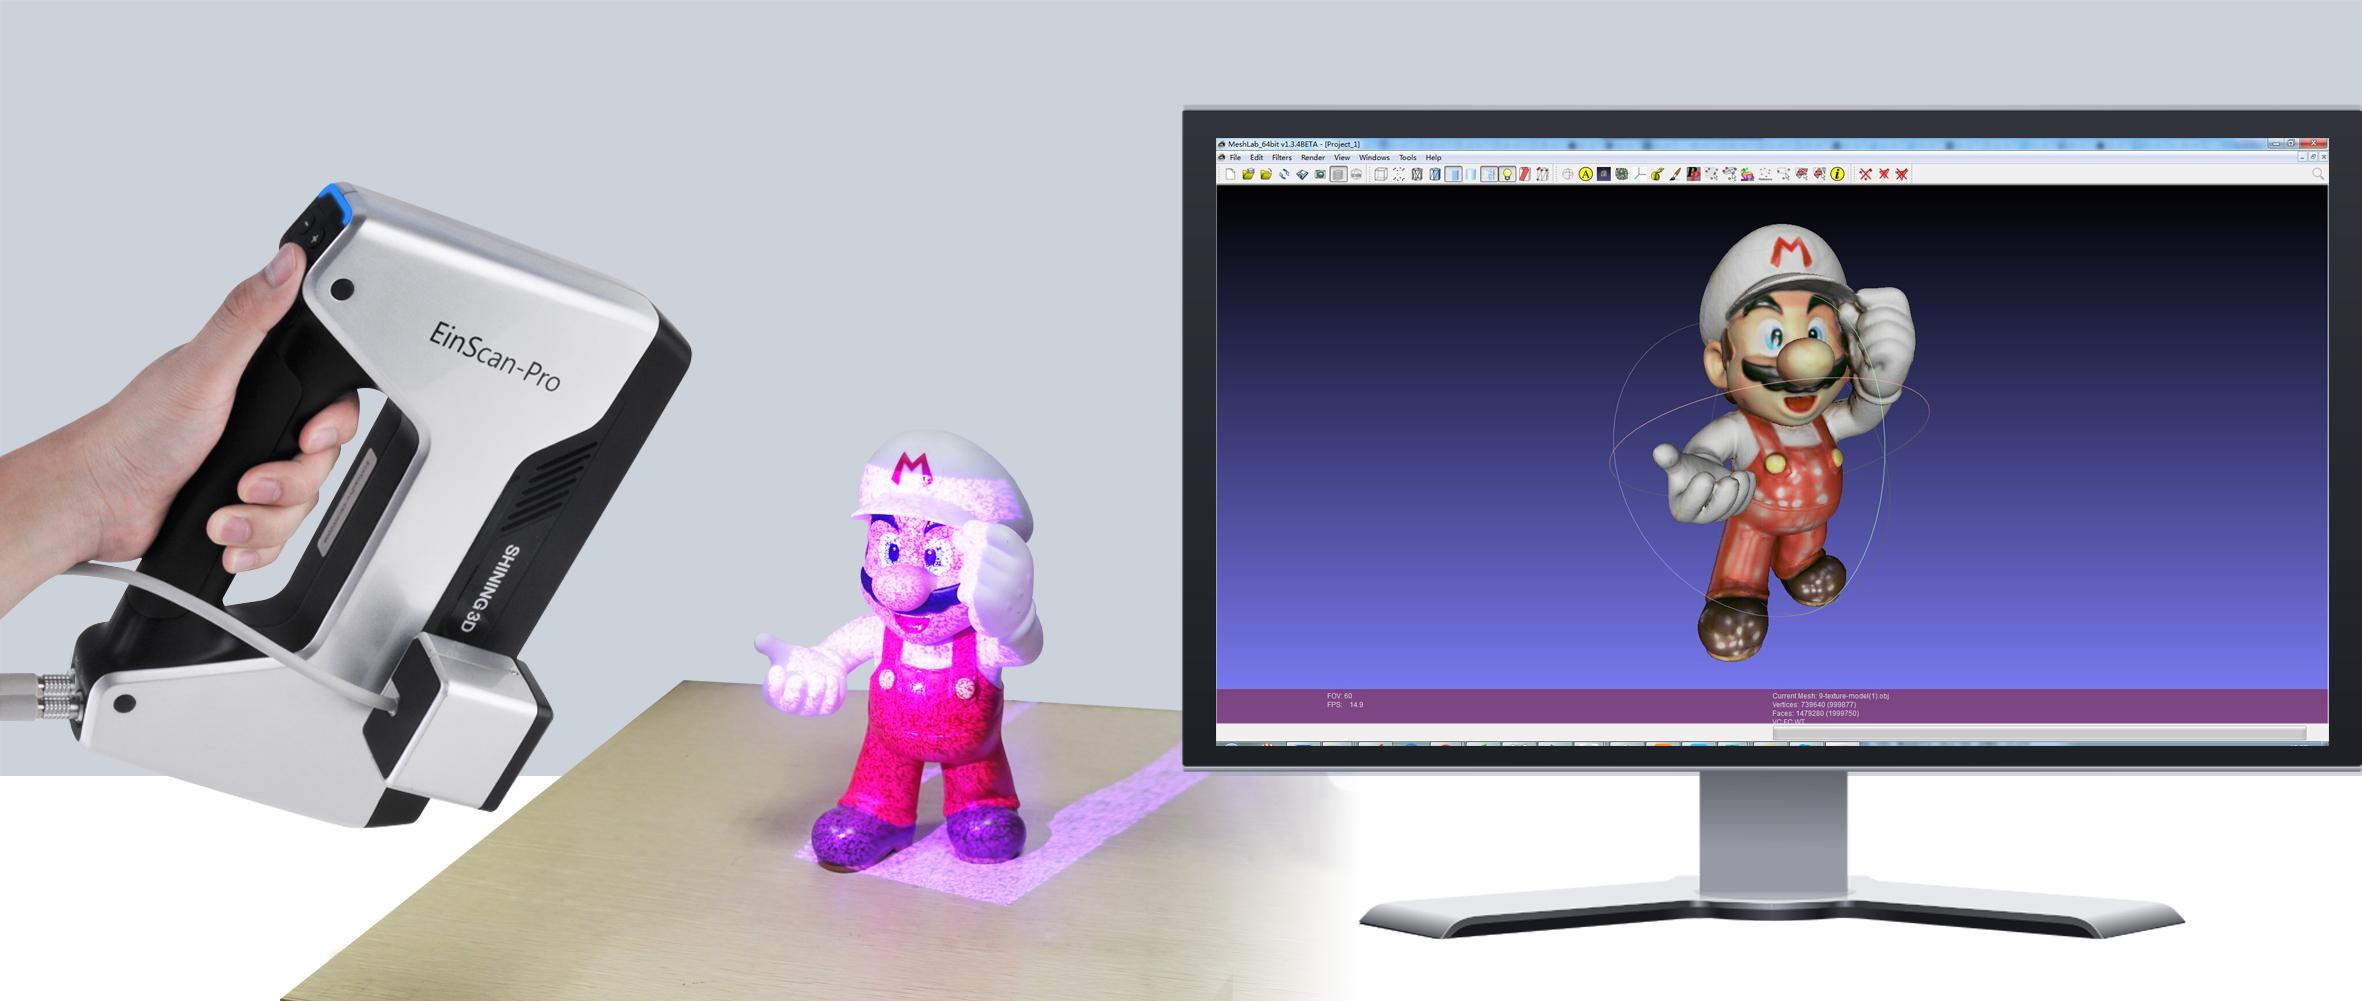 اسکنر سه بعدی و واقعیت مجازی